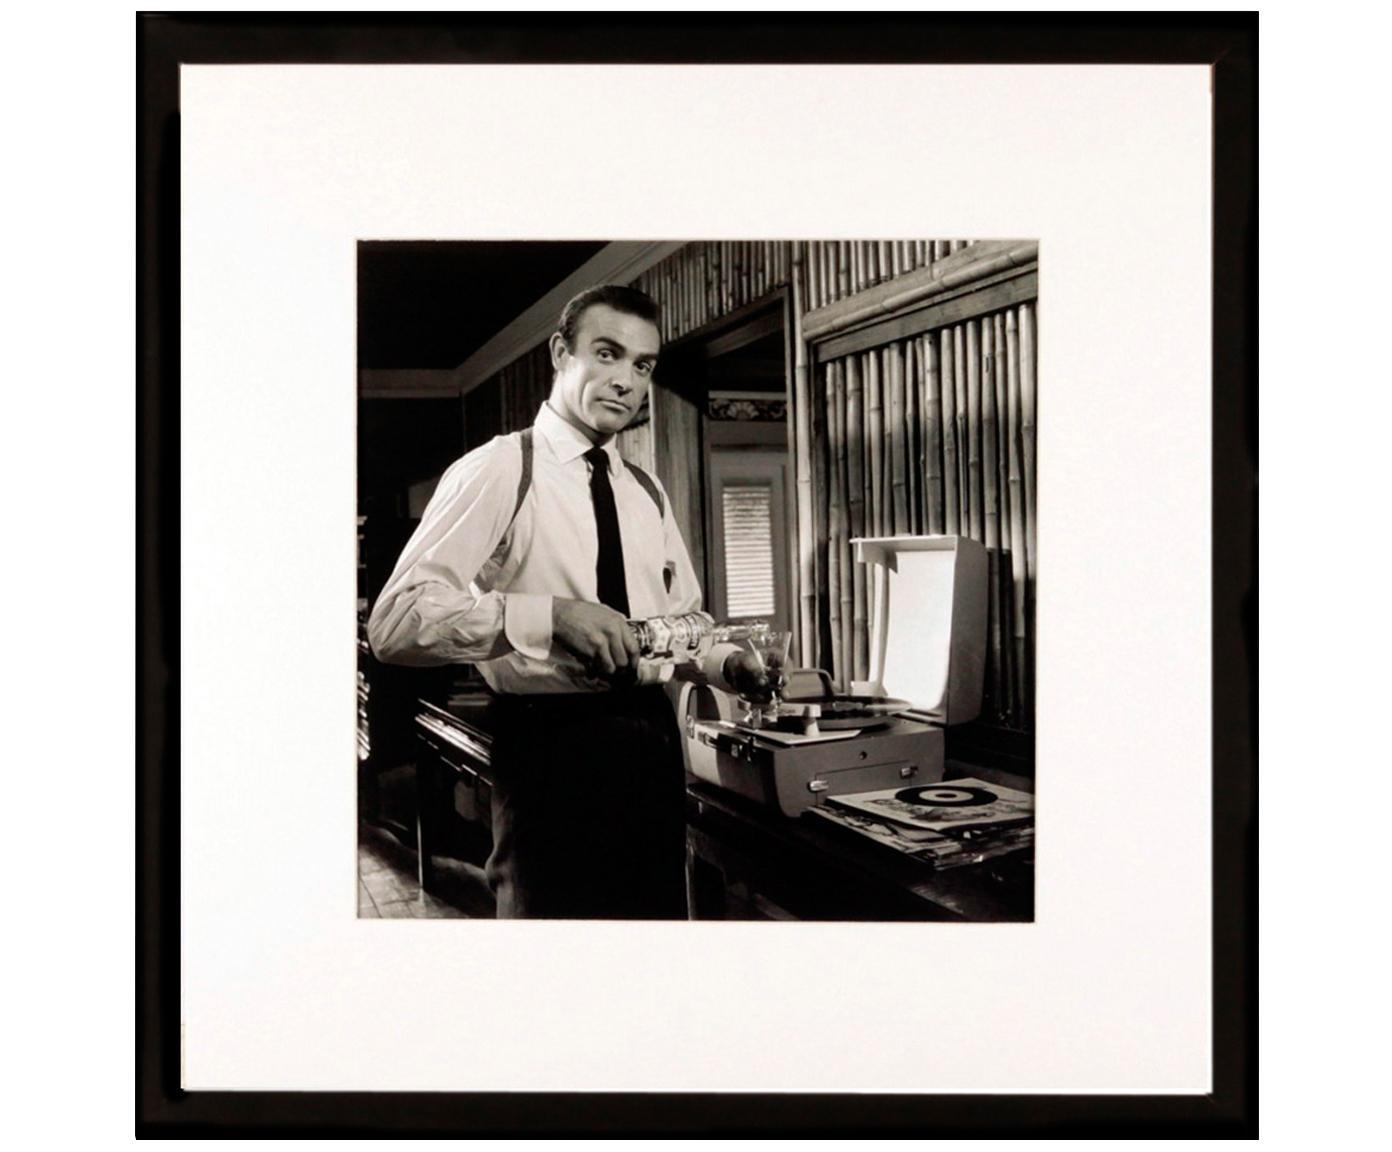 Ingelijste digitale print Connery, Lijst: kunststof, Print: zwart, wit. Lijst: zwart, 40 x 40 cm